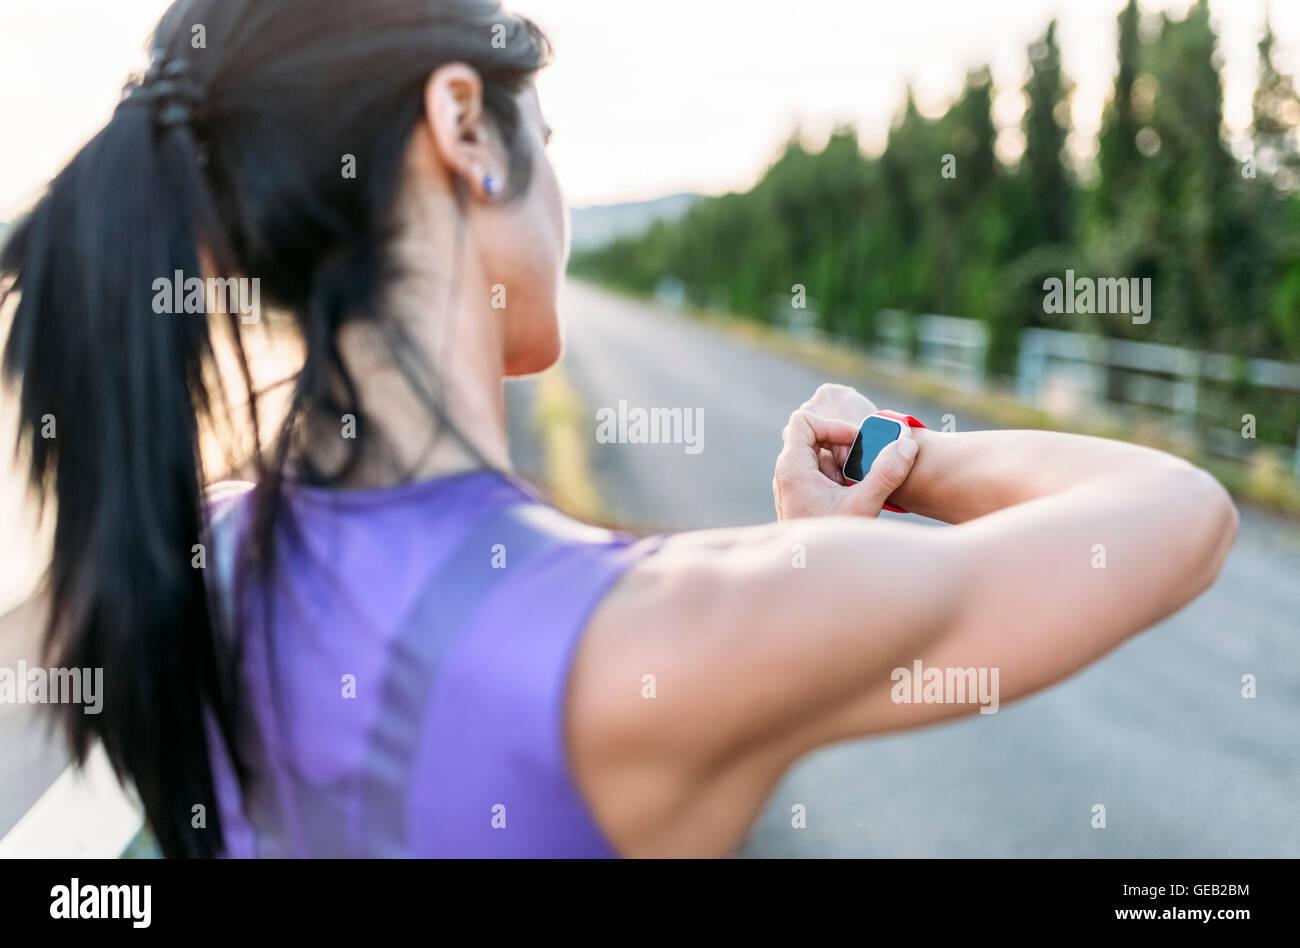 Frau Adjustung Einstellungen des smart-Uhr für outdoor-training Stockbild